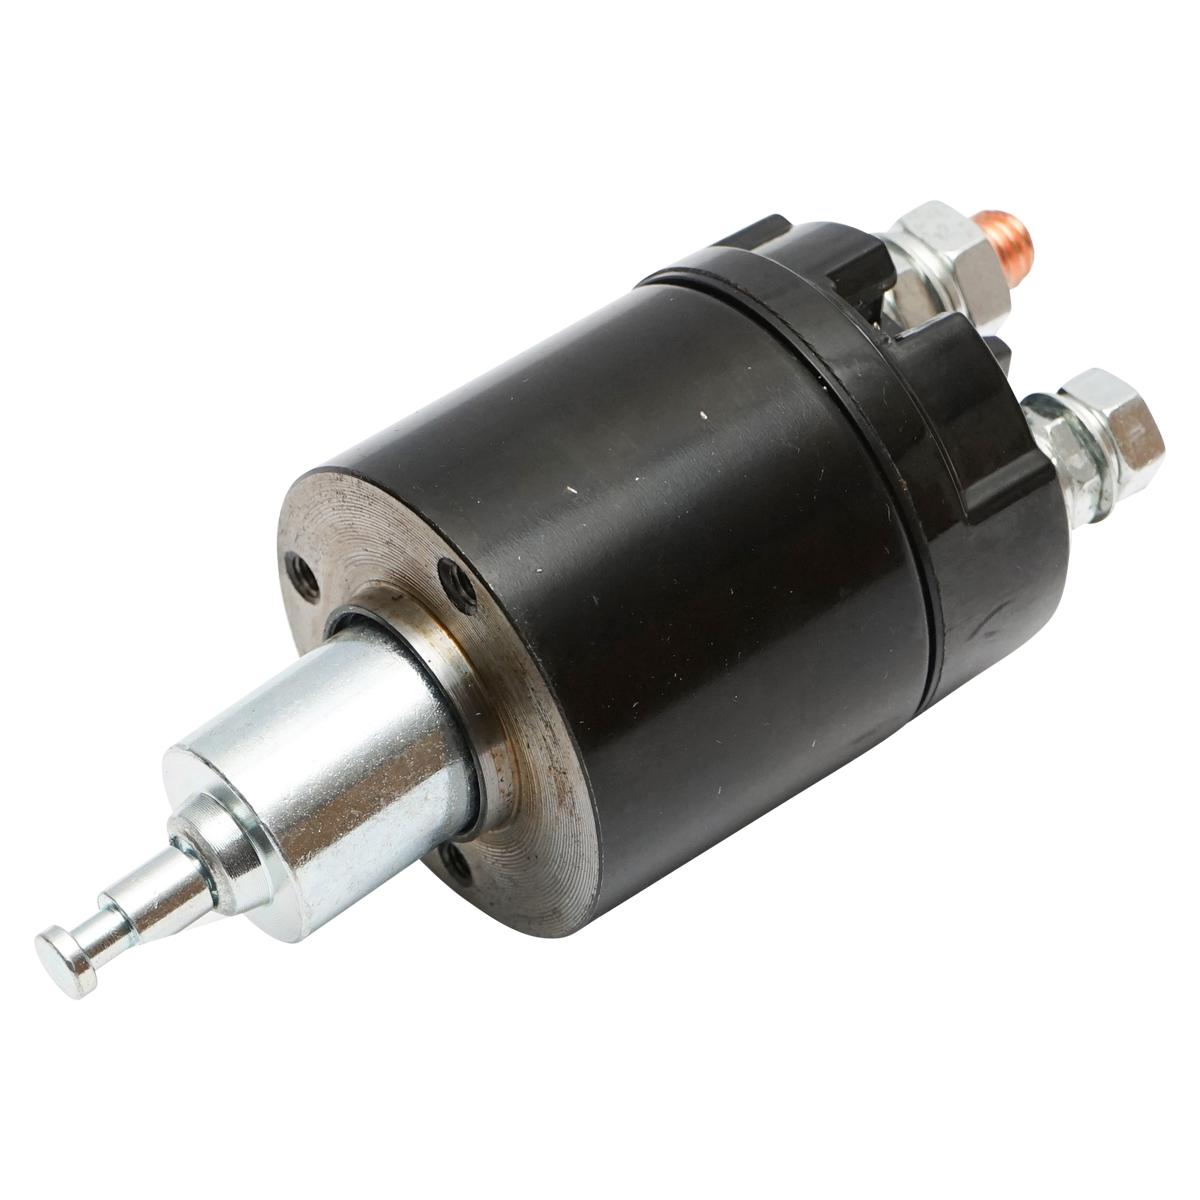 Solenoid electromotor model nou cu reductor amplificat de putere U-650 U-651